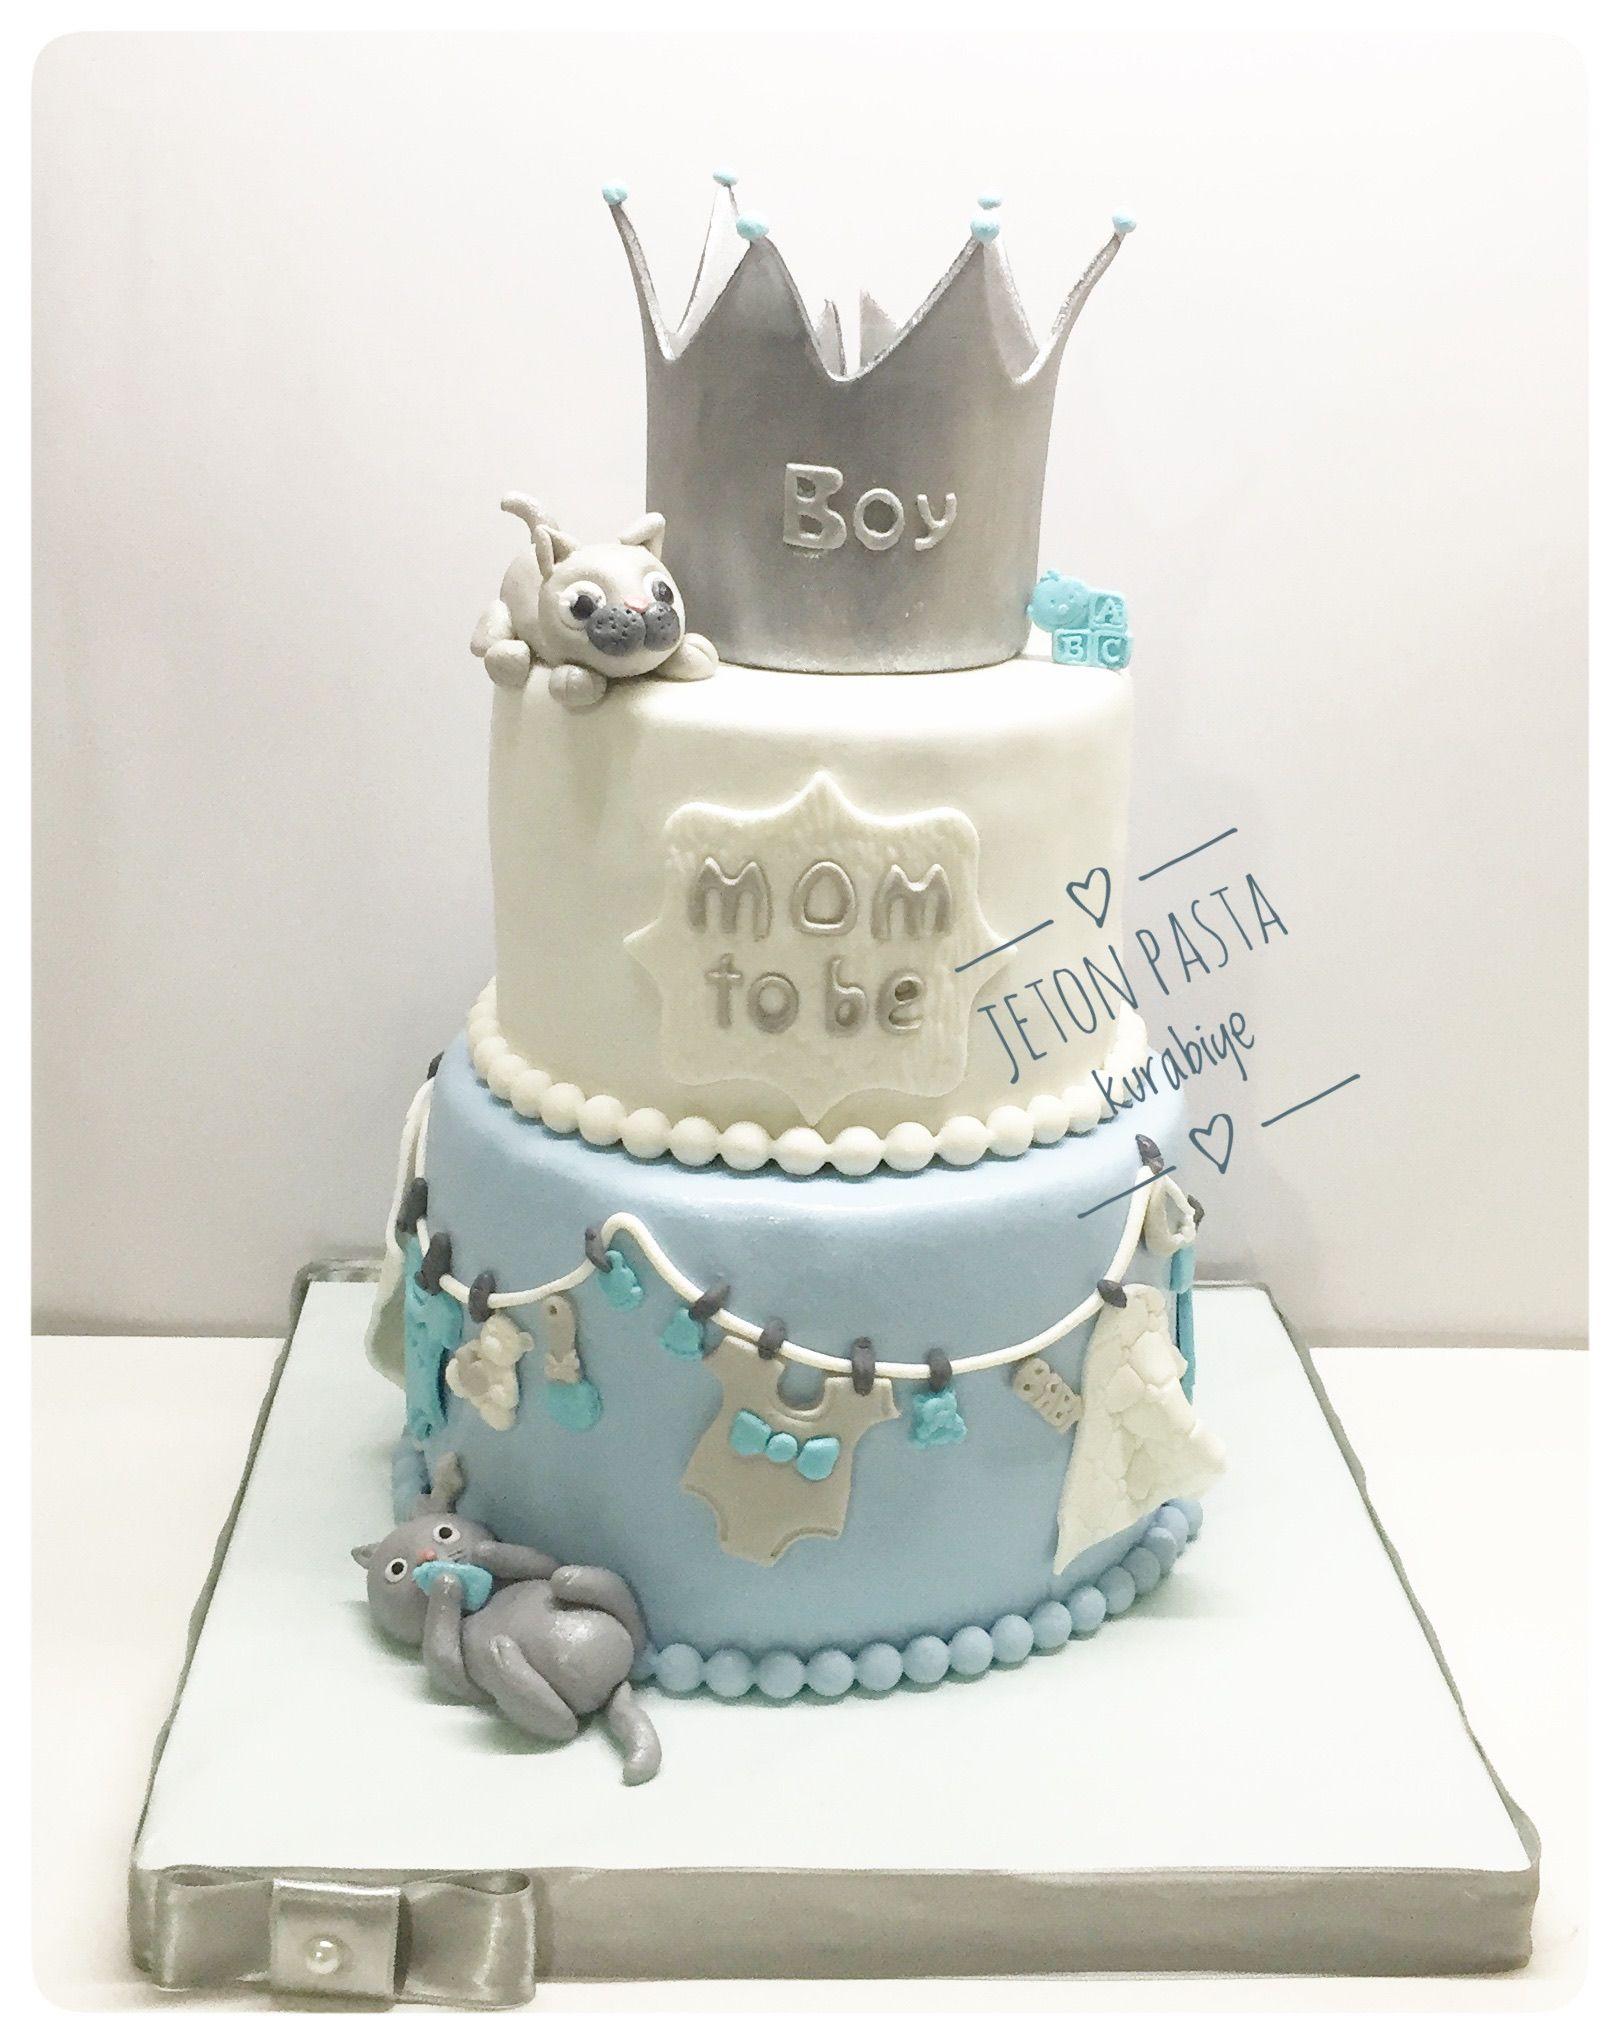 jeton pastakurabiye adlı kullanıcının doğumgünü pastası